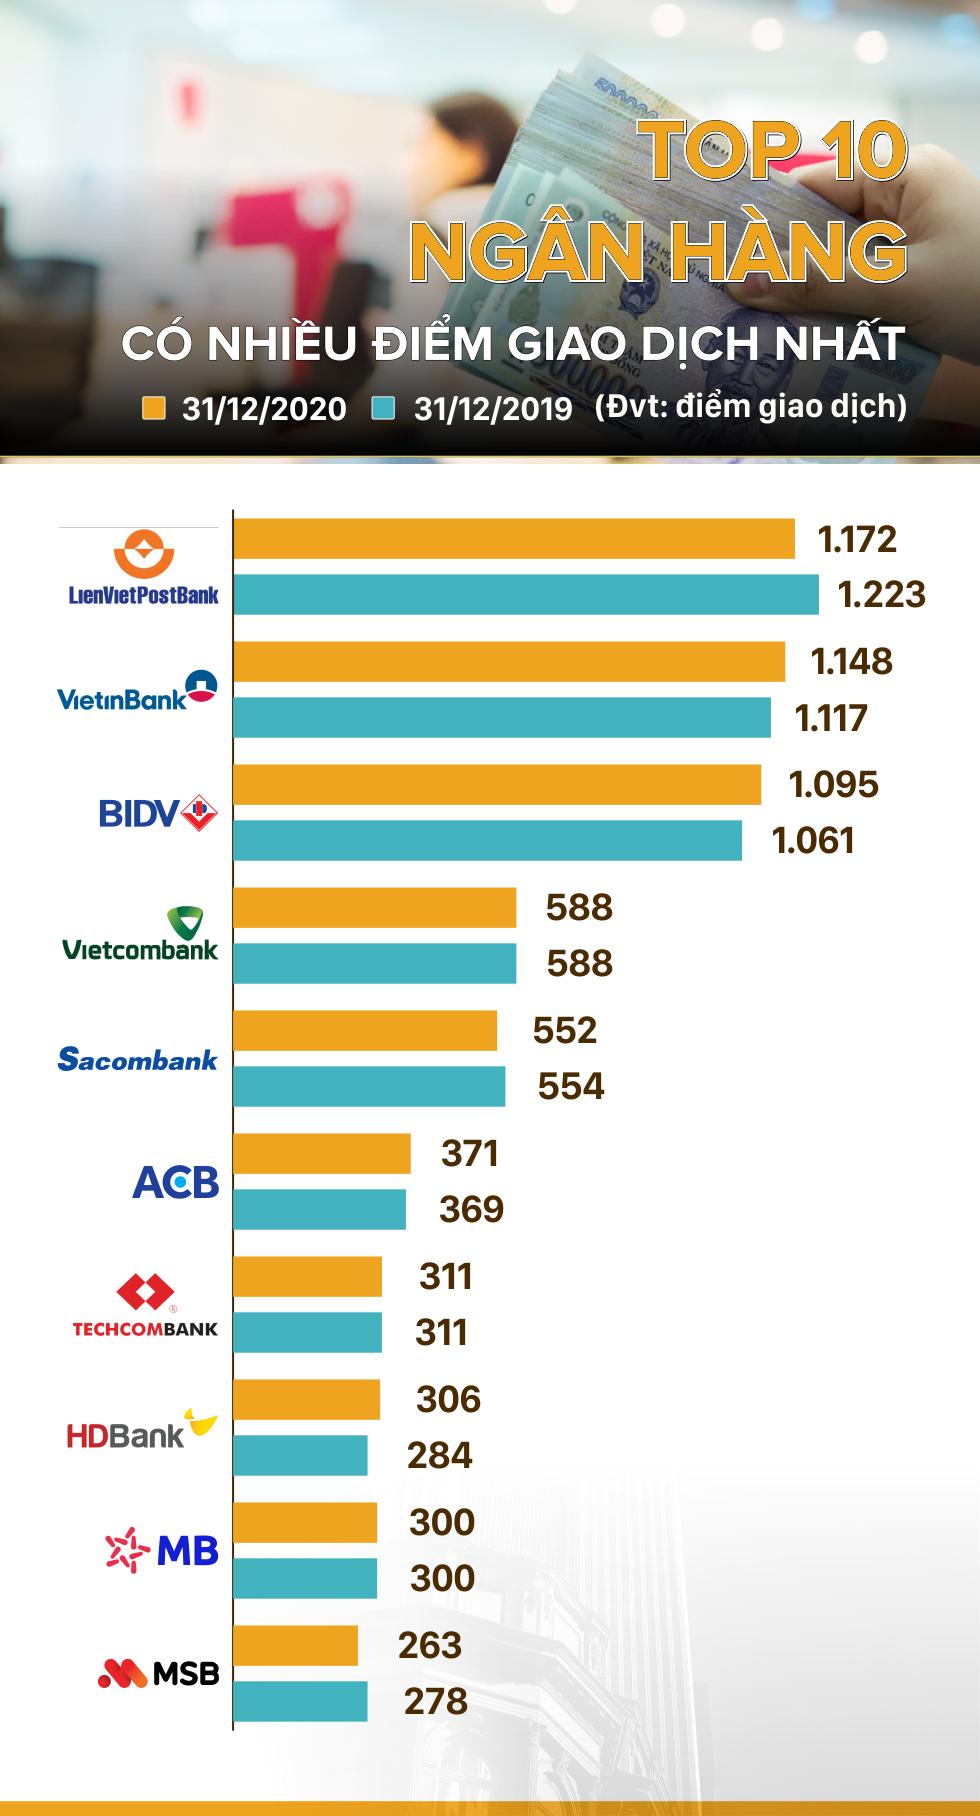 TOP 10 ngân hàng có nhiều điểm giao dịch nhất - Ảnh 1.